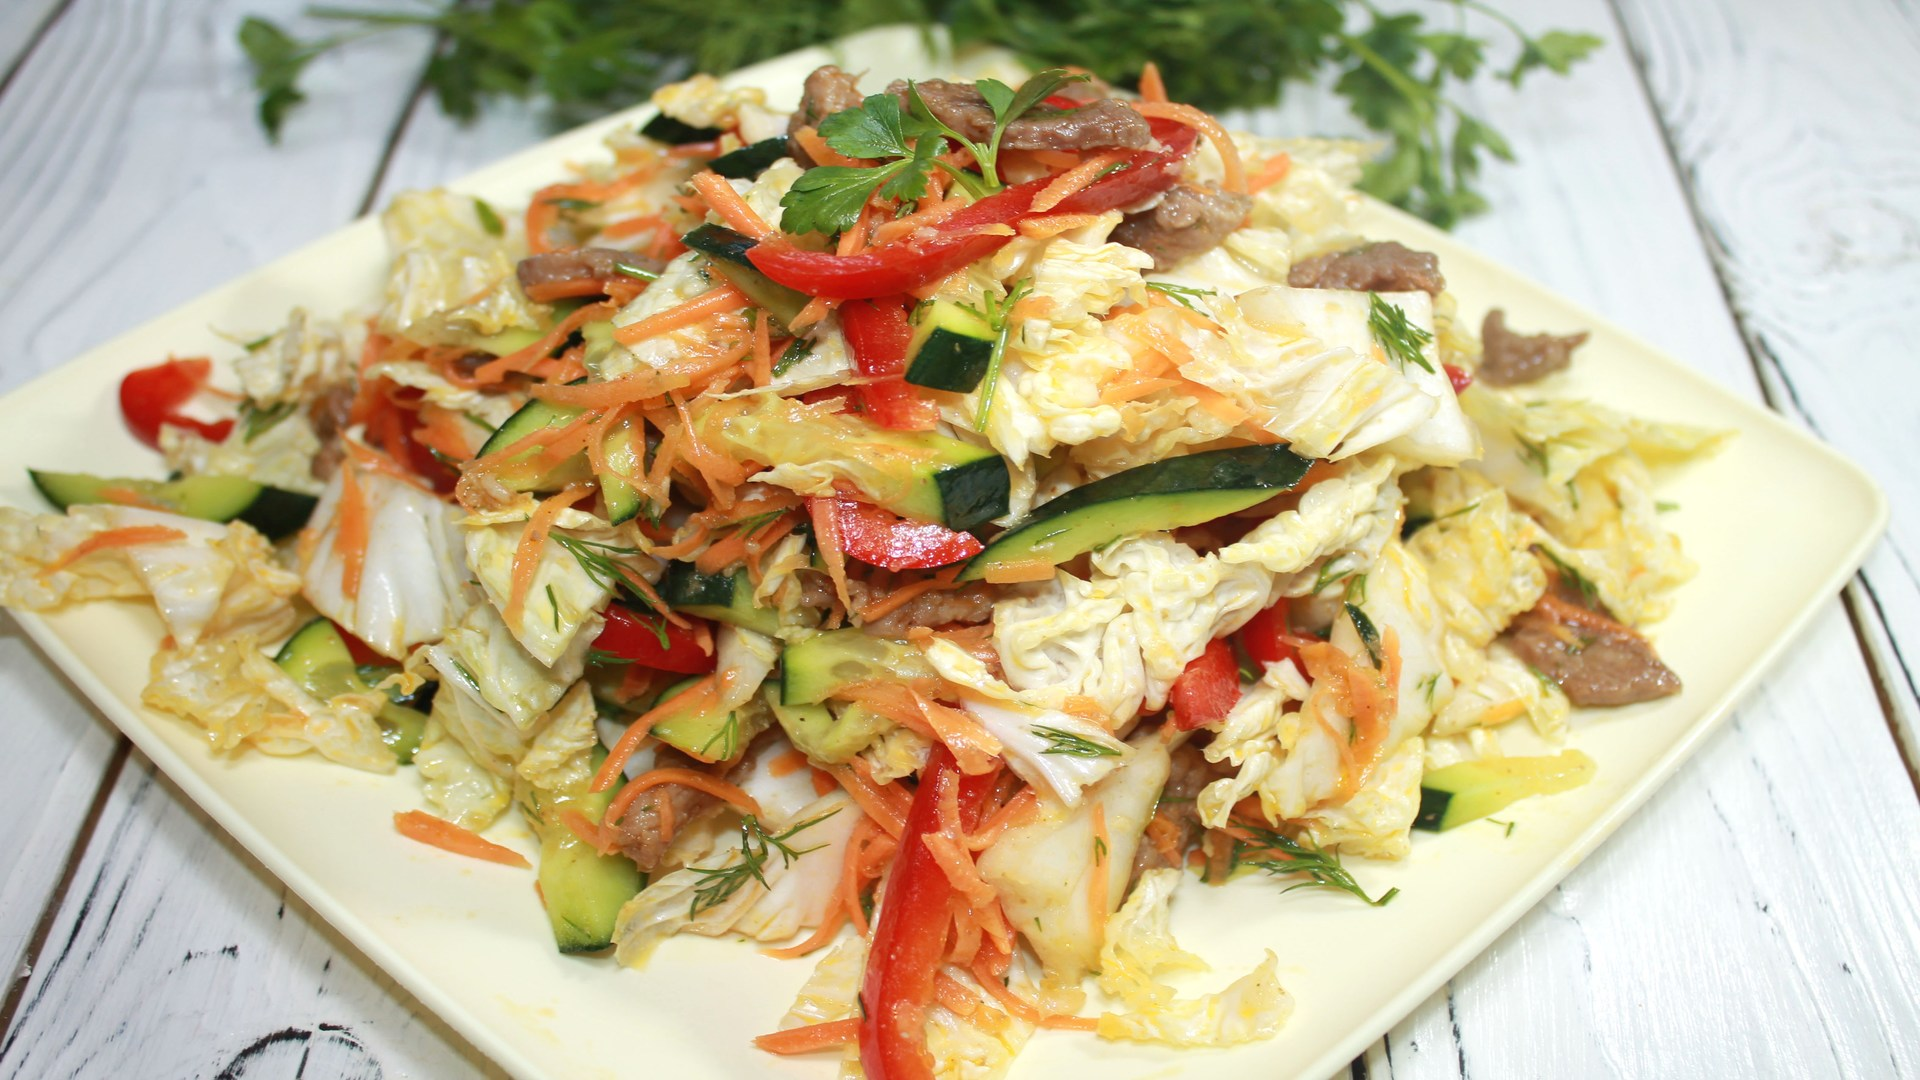 Салат из пекинской капусты с курицей (красивый и очень вкусный) - рецепт с фото – рецепты с фото